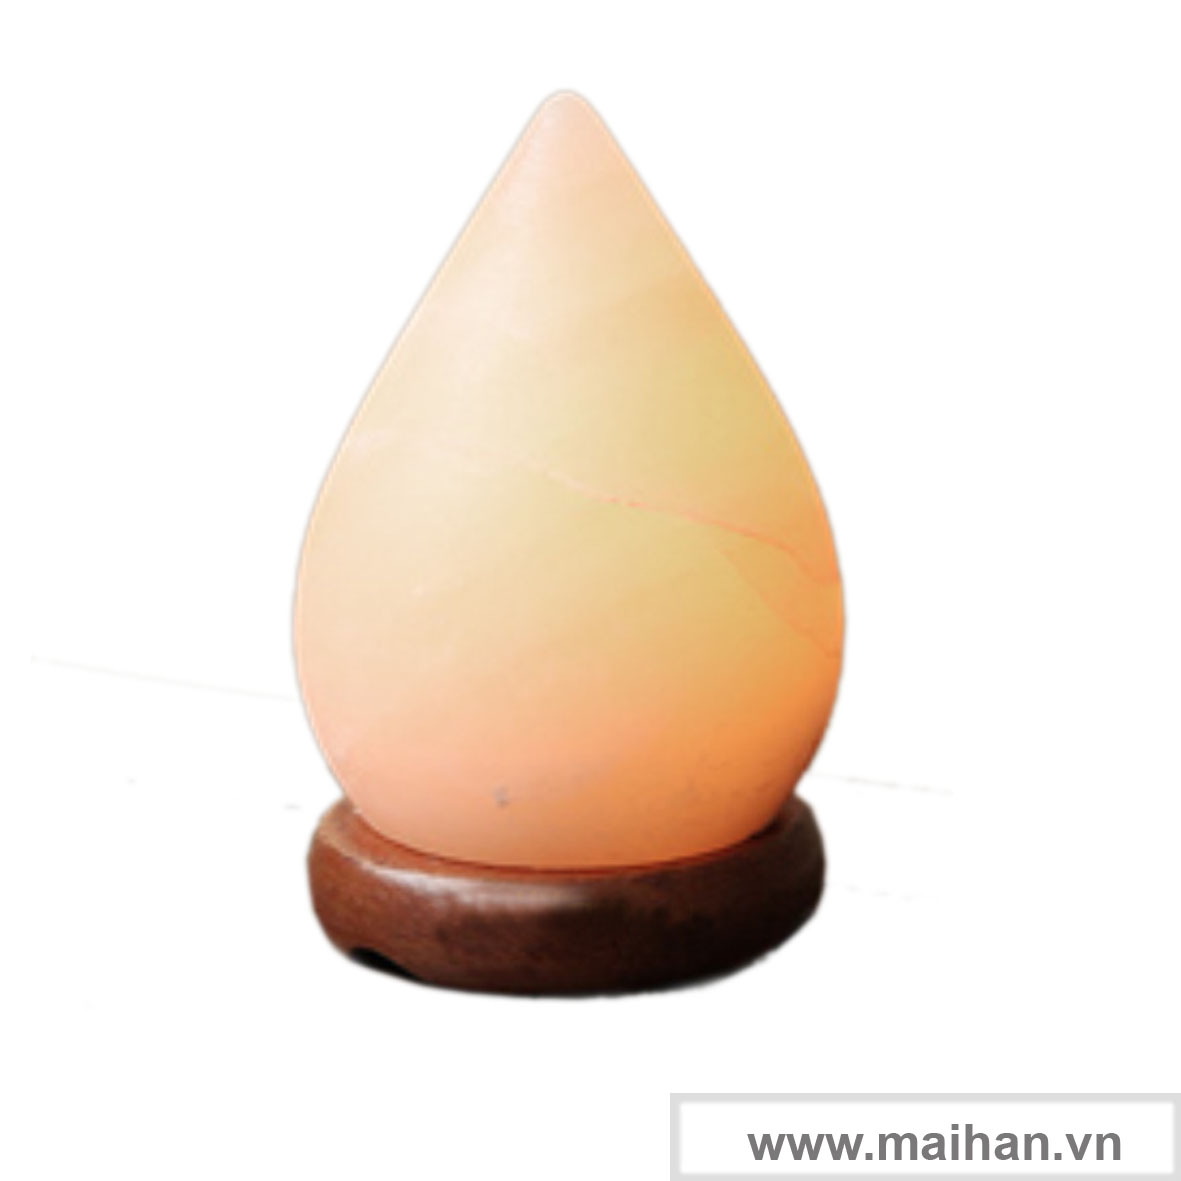 Đèn đá muối hình giọt nước